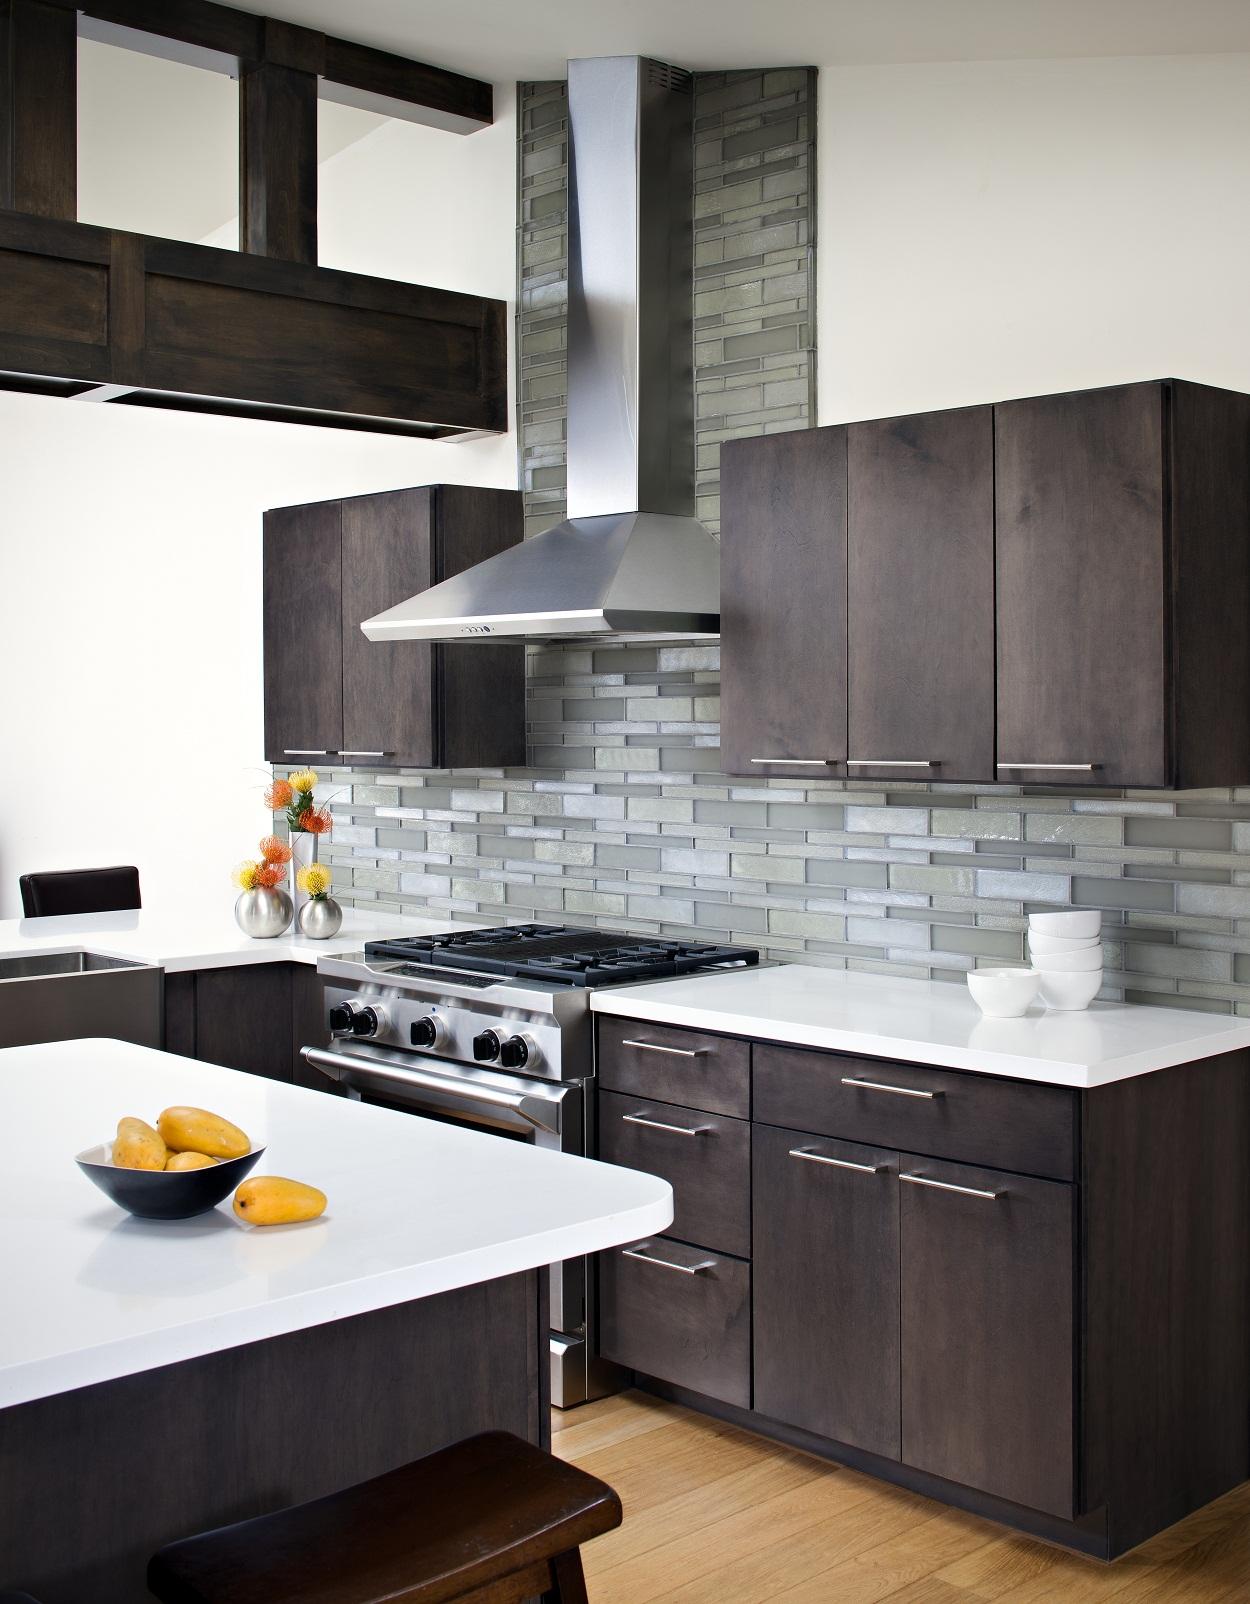 Оформление кухонного фартука серой плиткой